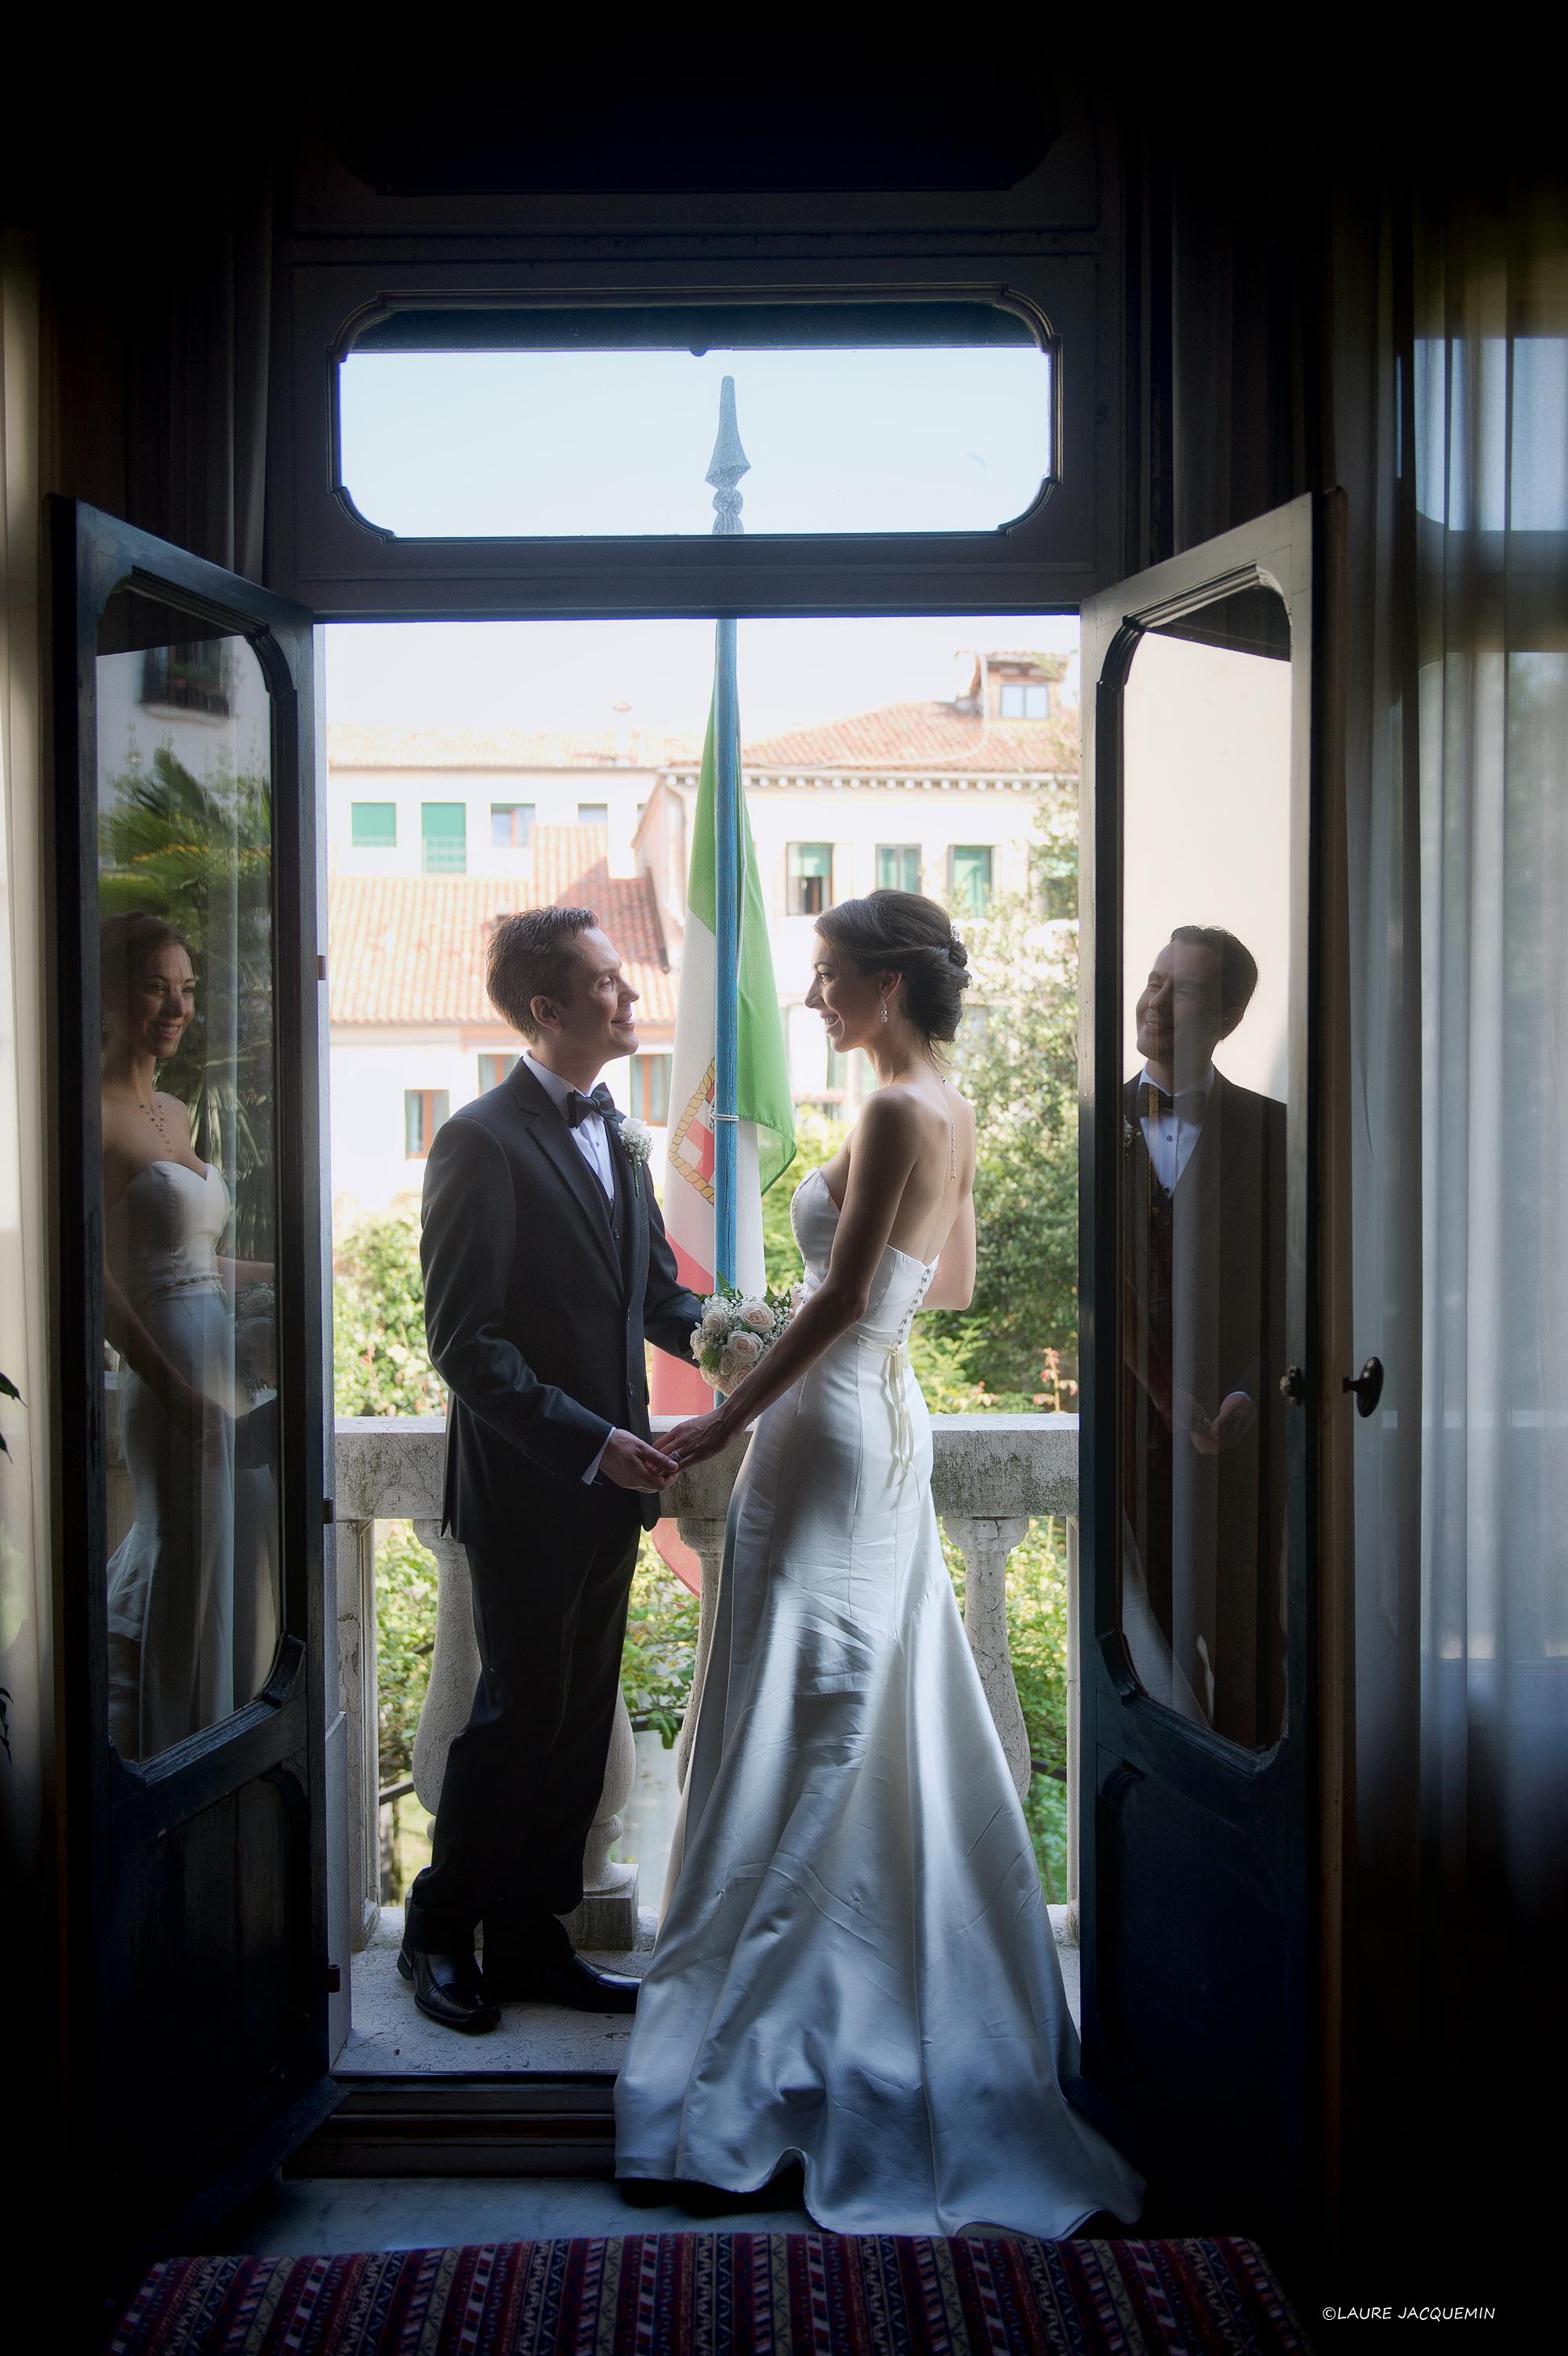 venise mariage photographe laure Jacquemin simbolique jardin venitien gondole (111)